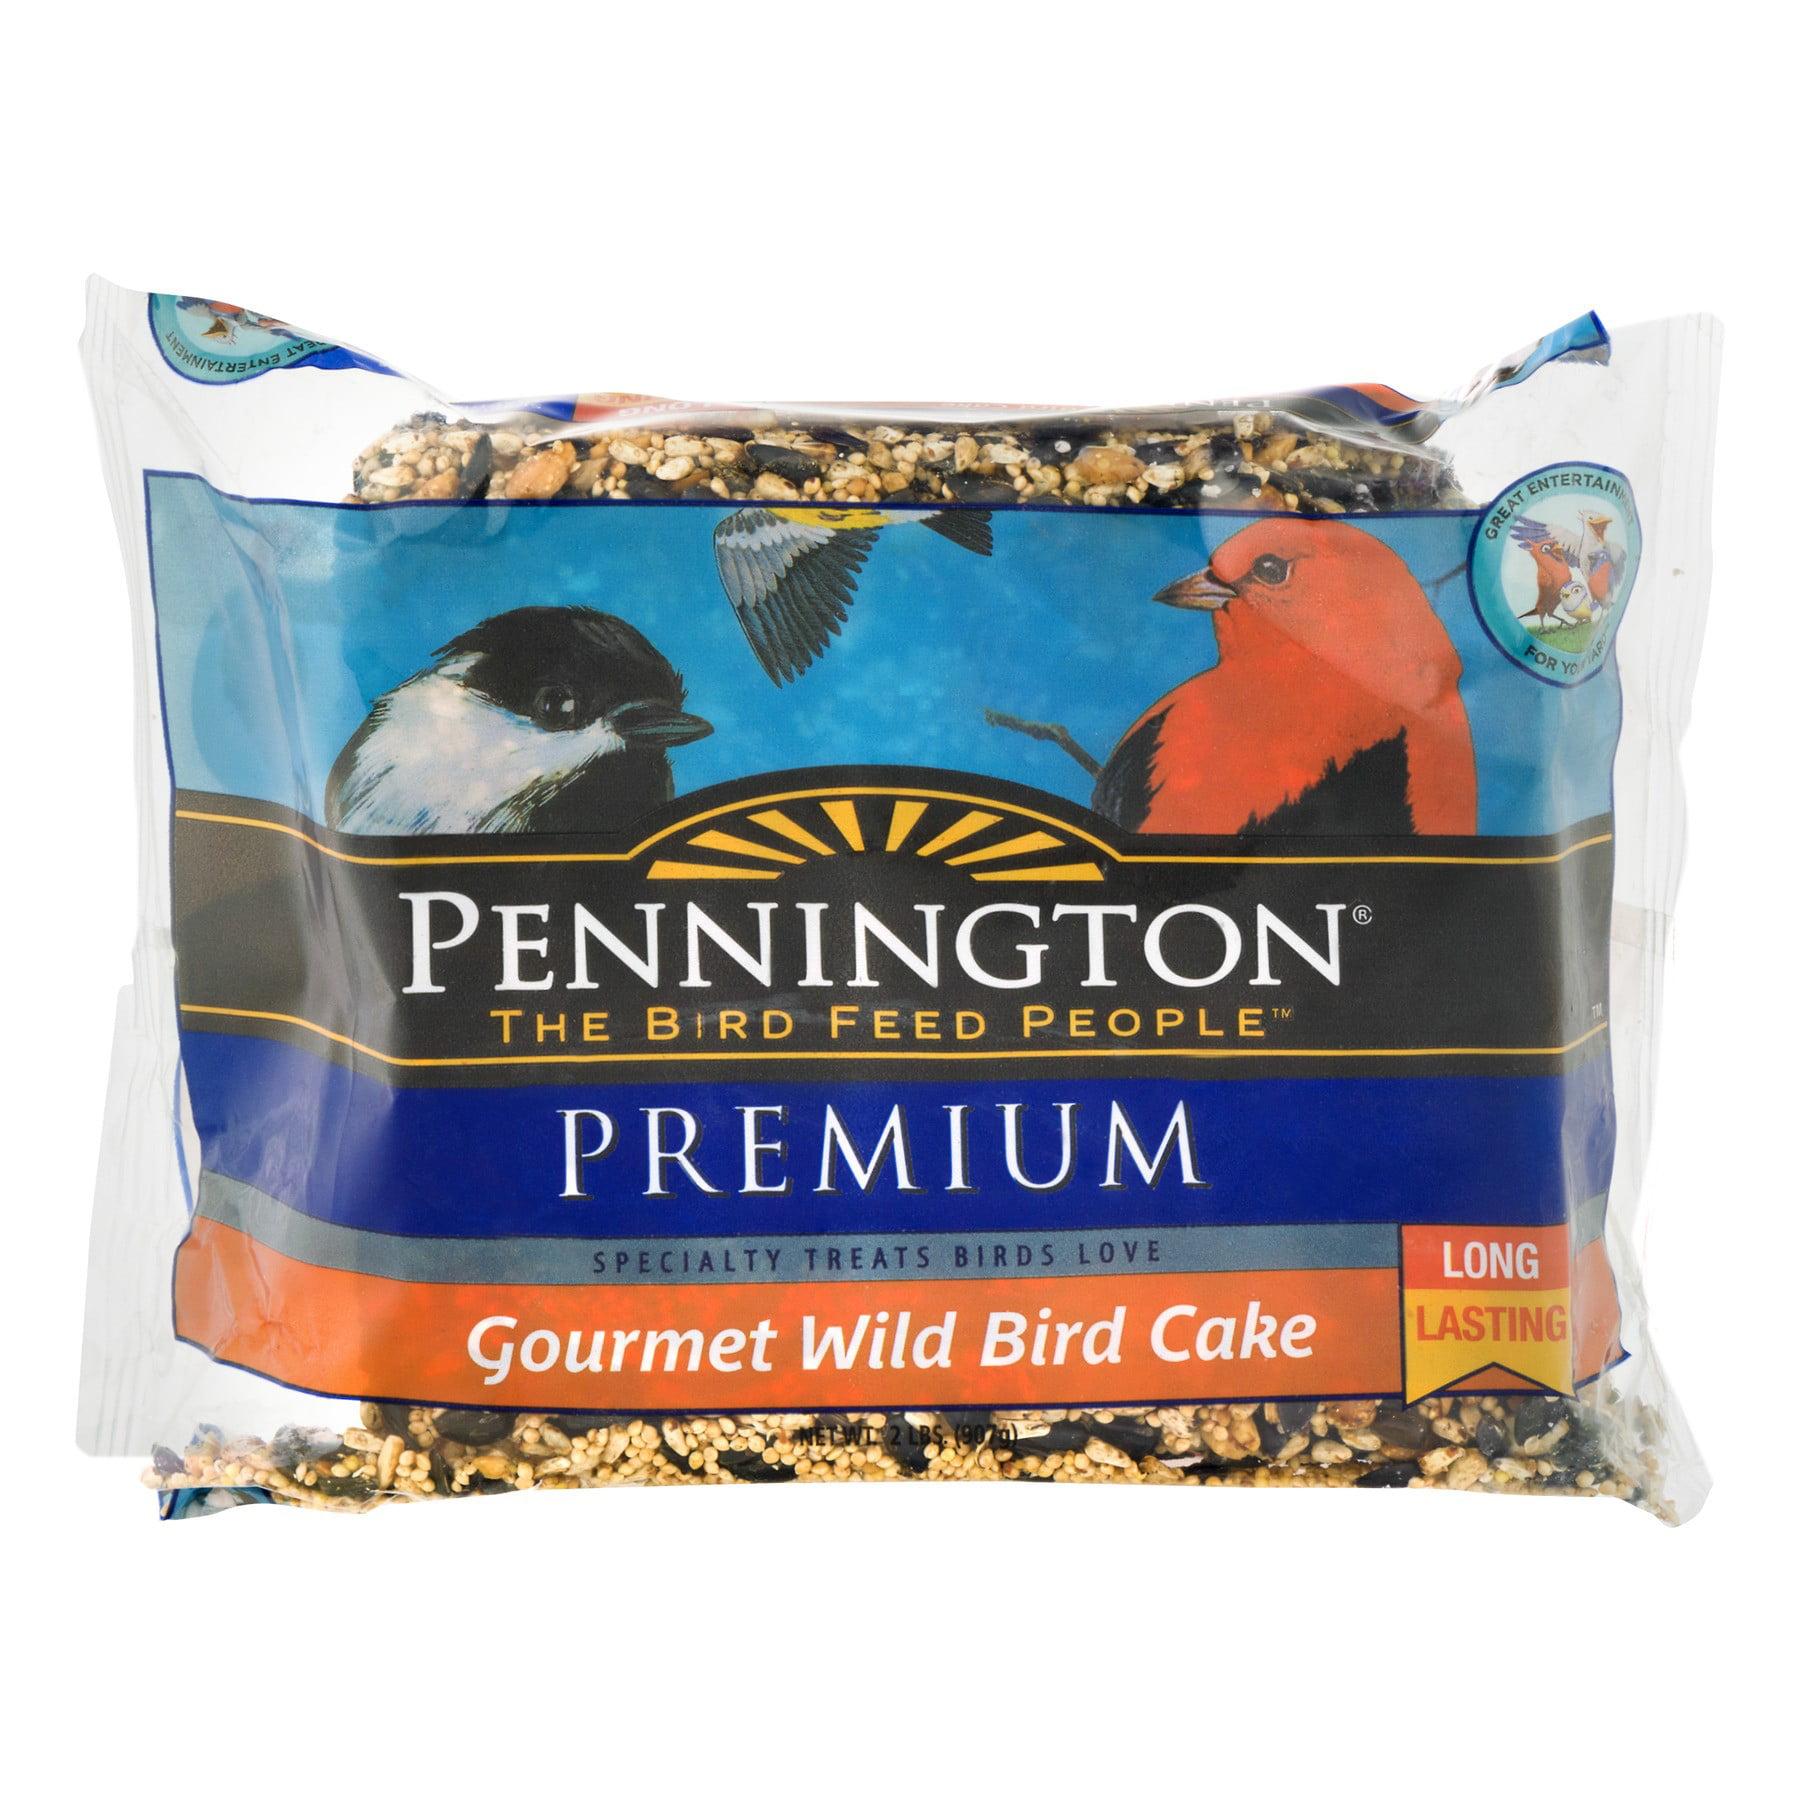 Pennington Gourmet Wild Bird Cake, 2.0 LB